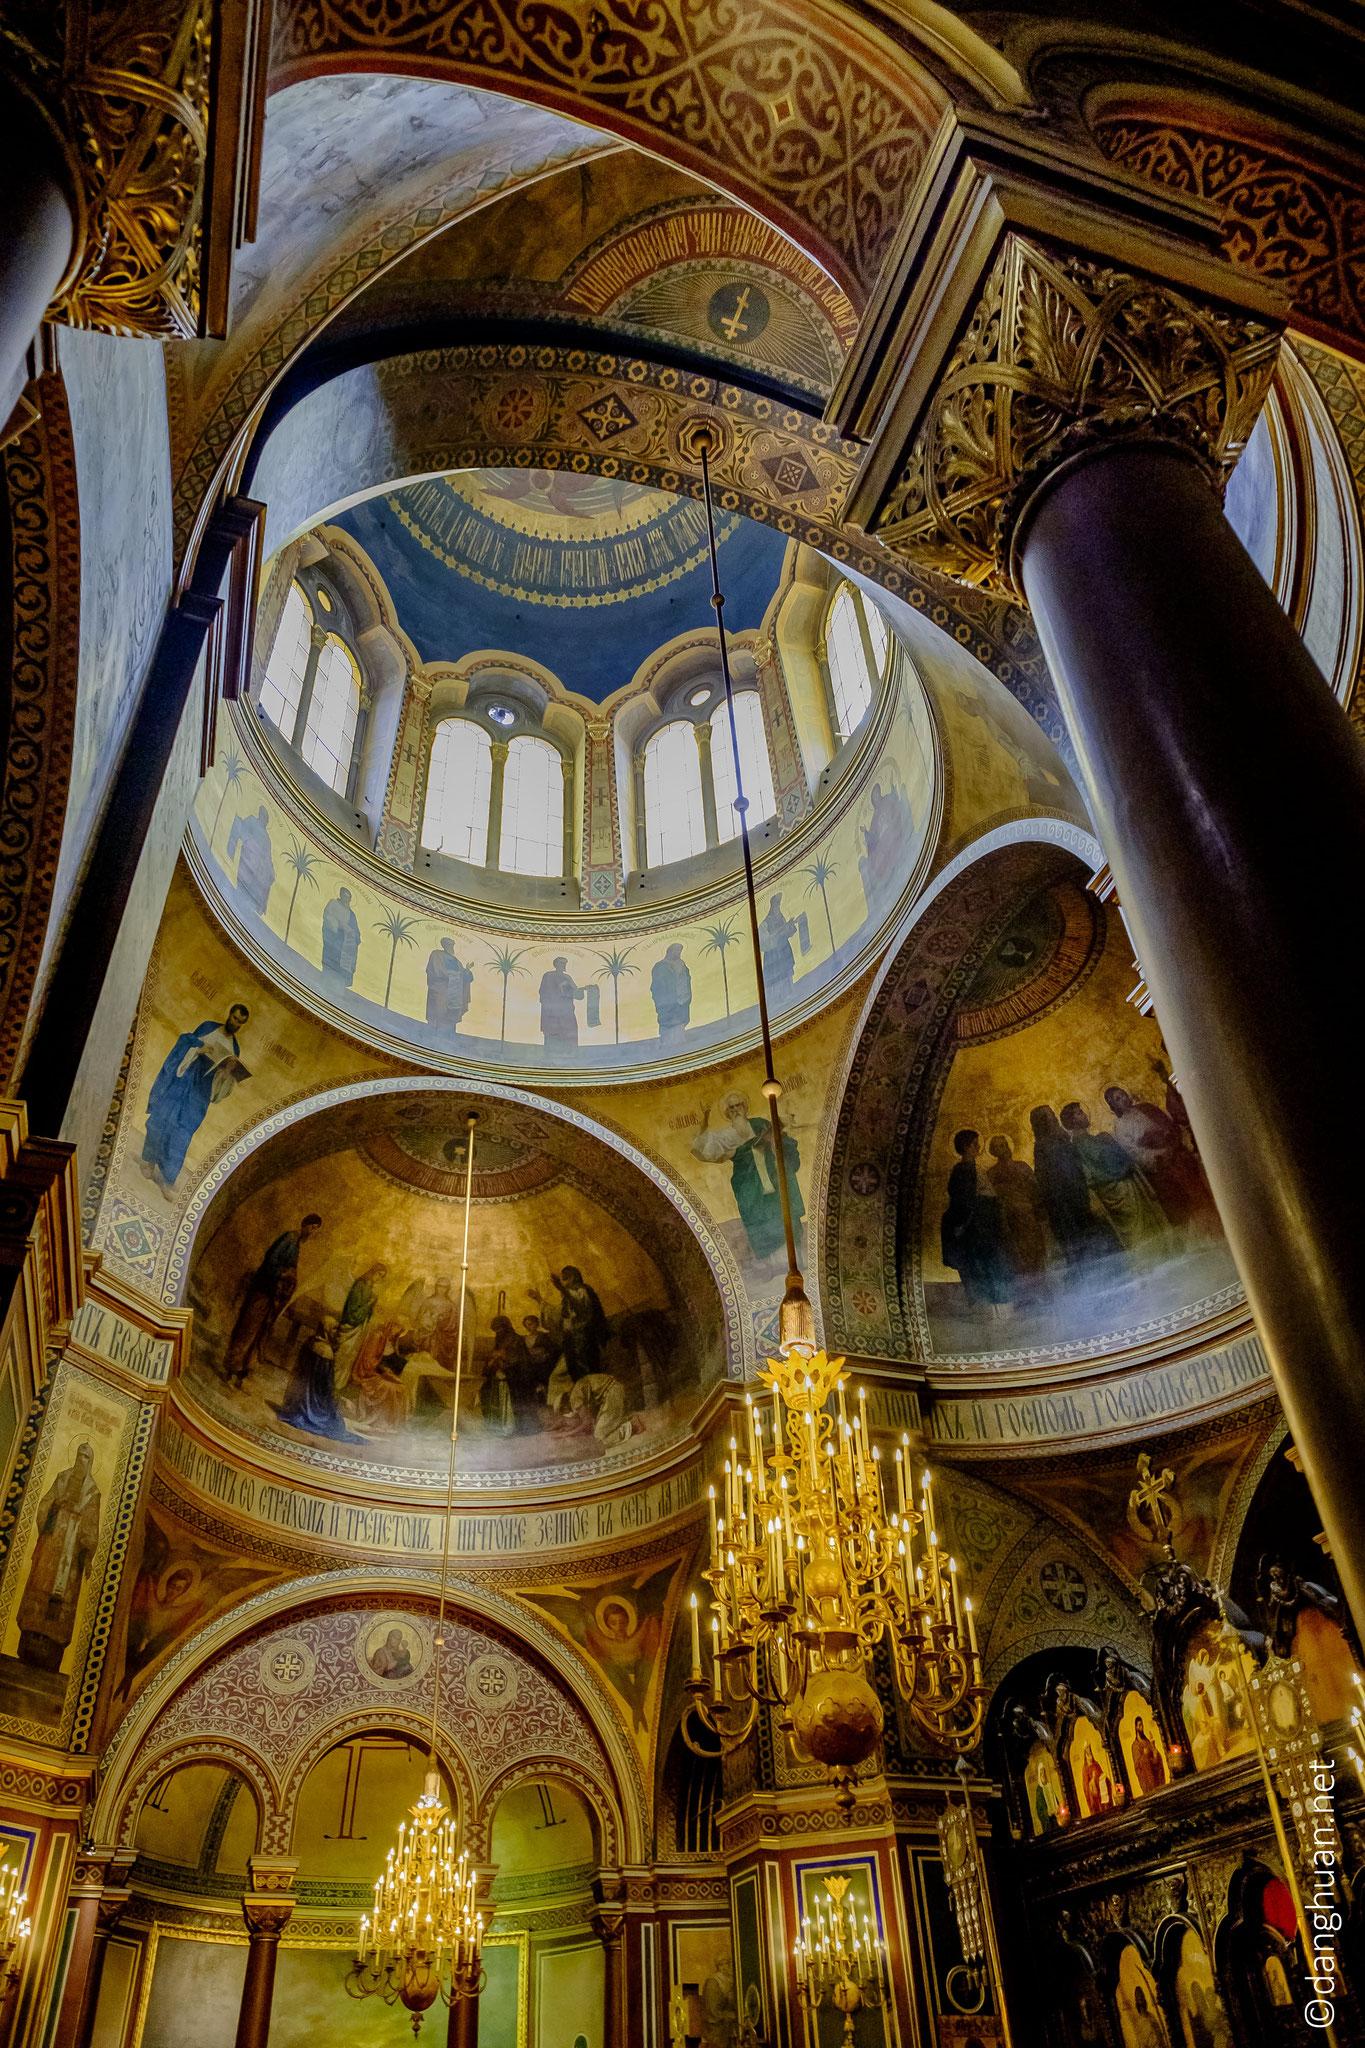 Cathédrale orthodoxe St Alexandre Nevsky : premier lieu de culte permanent pour la communauté russe orthodoxe à Paris